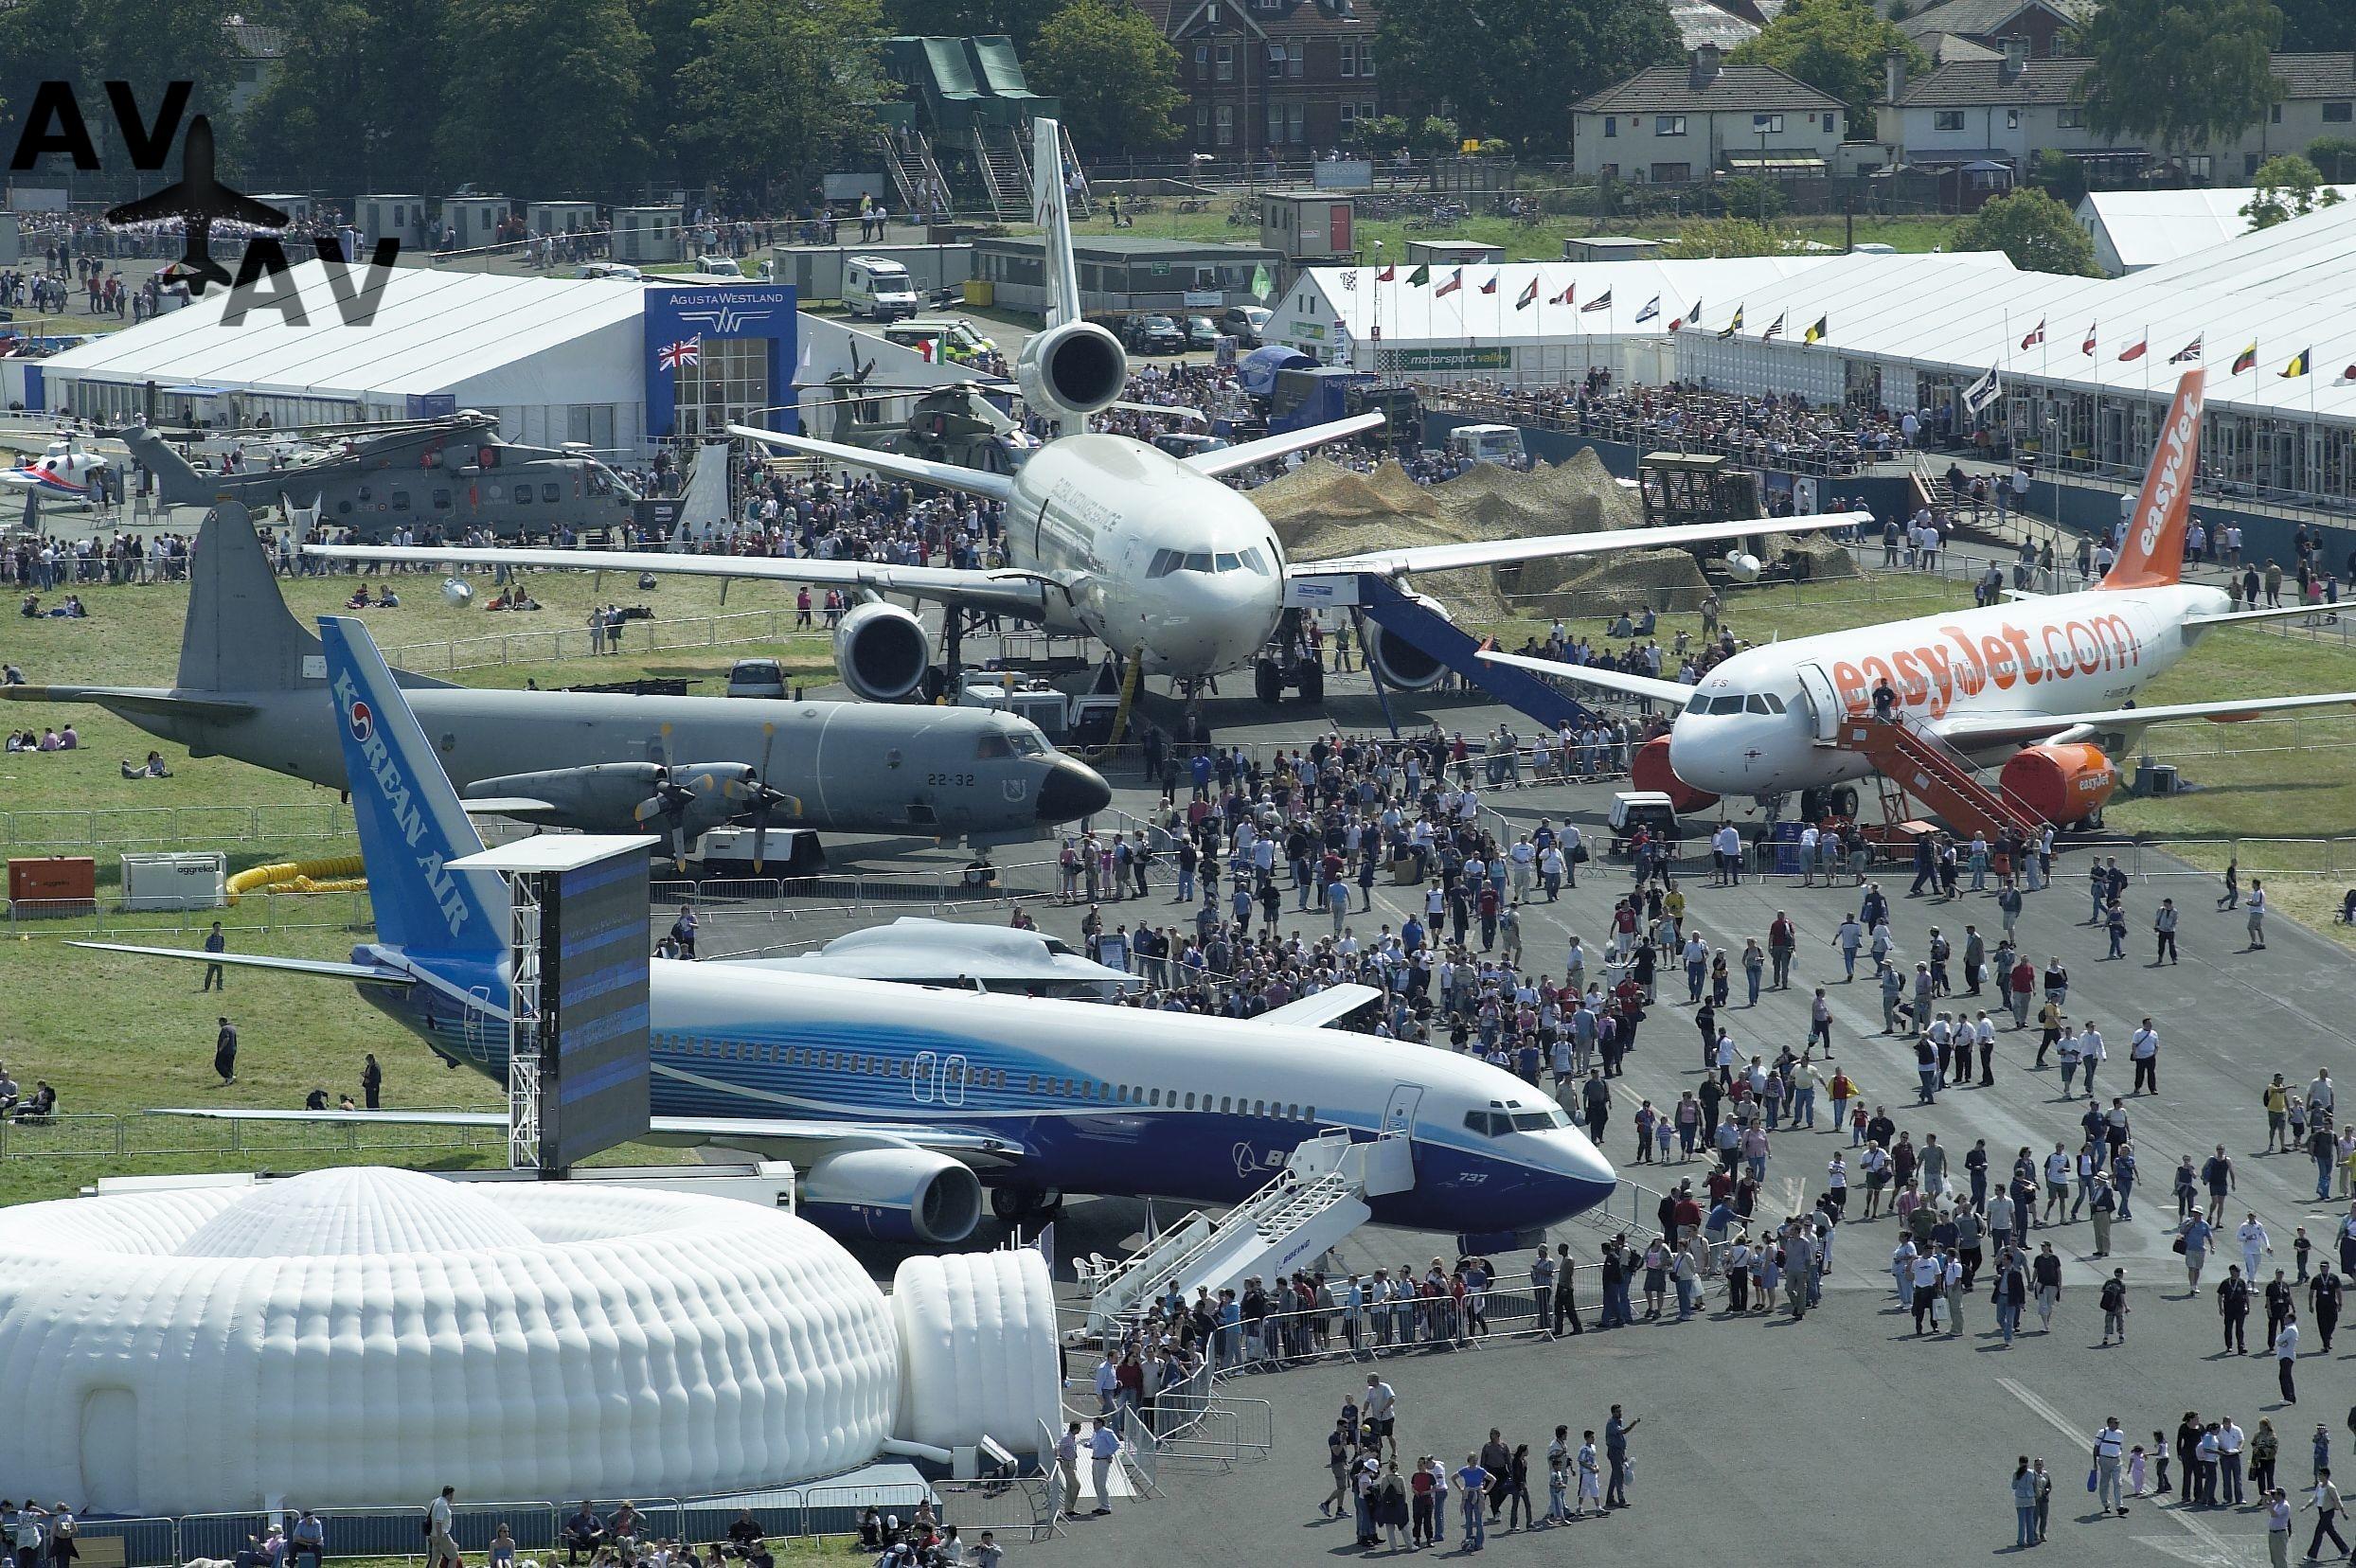 143769001 - Авиасалон «Фарнборо» пройдет без России